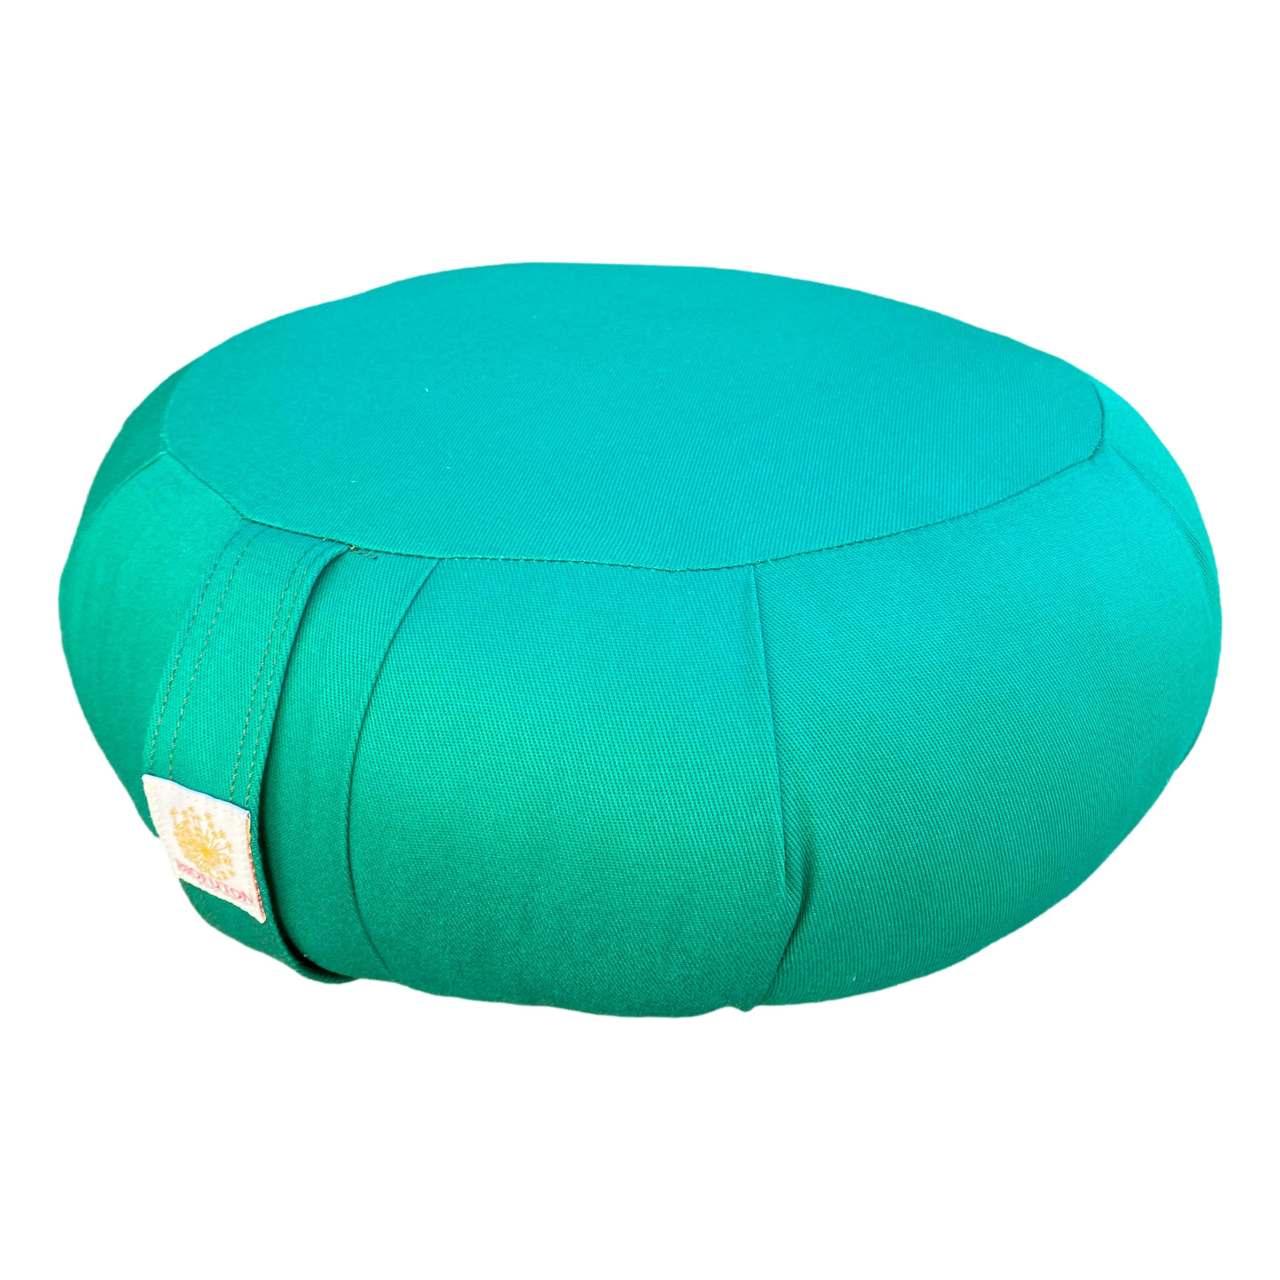 Zafu Biofuton - Almofada para Meditação - Pequeno 37cm